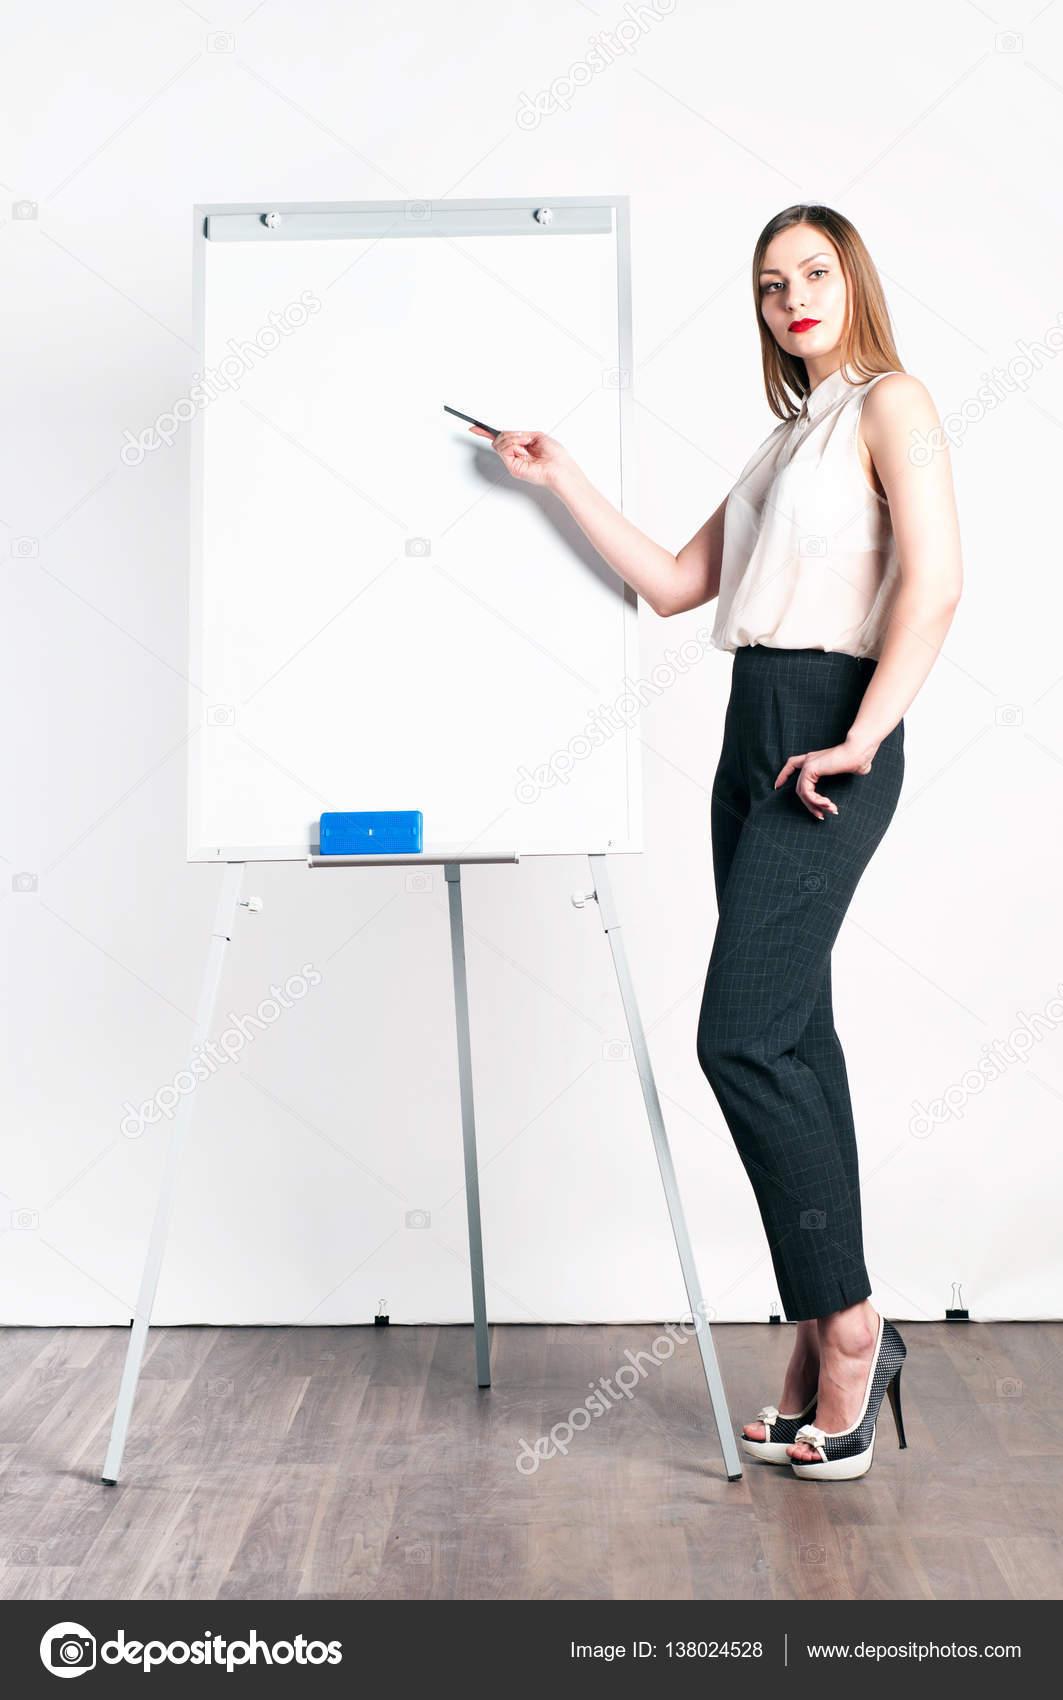 682948ed336702 Schöne junge Frau (Mädchen) mit langen Haaren in eine weiße Bluse und  kurzen Hosen stehen neben einem Flip-Chart und zeigt der Zeiger auf der  Flip-Chart.